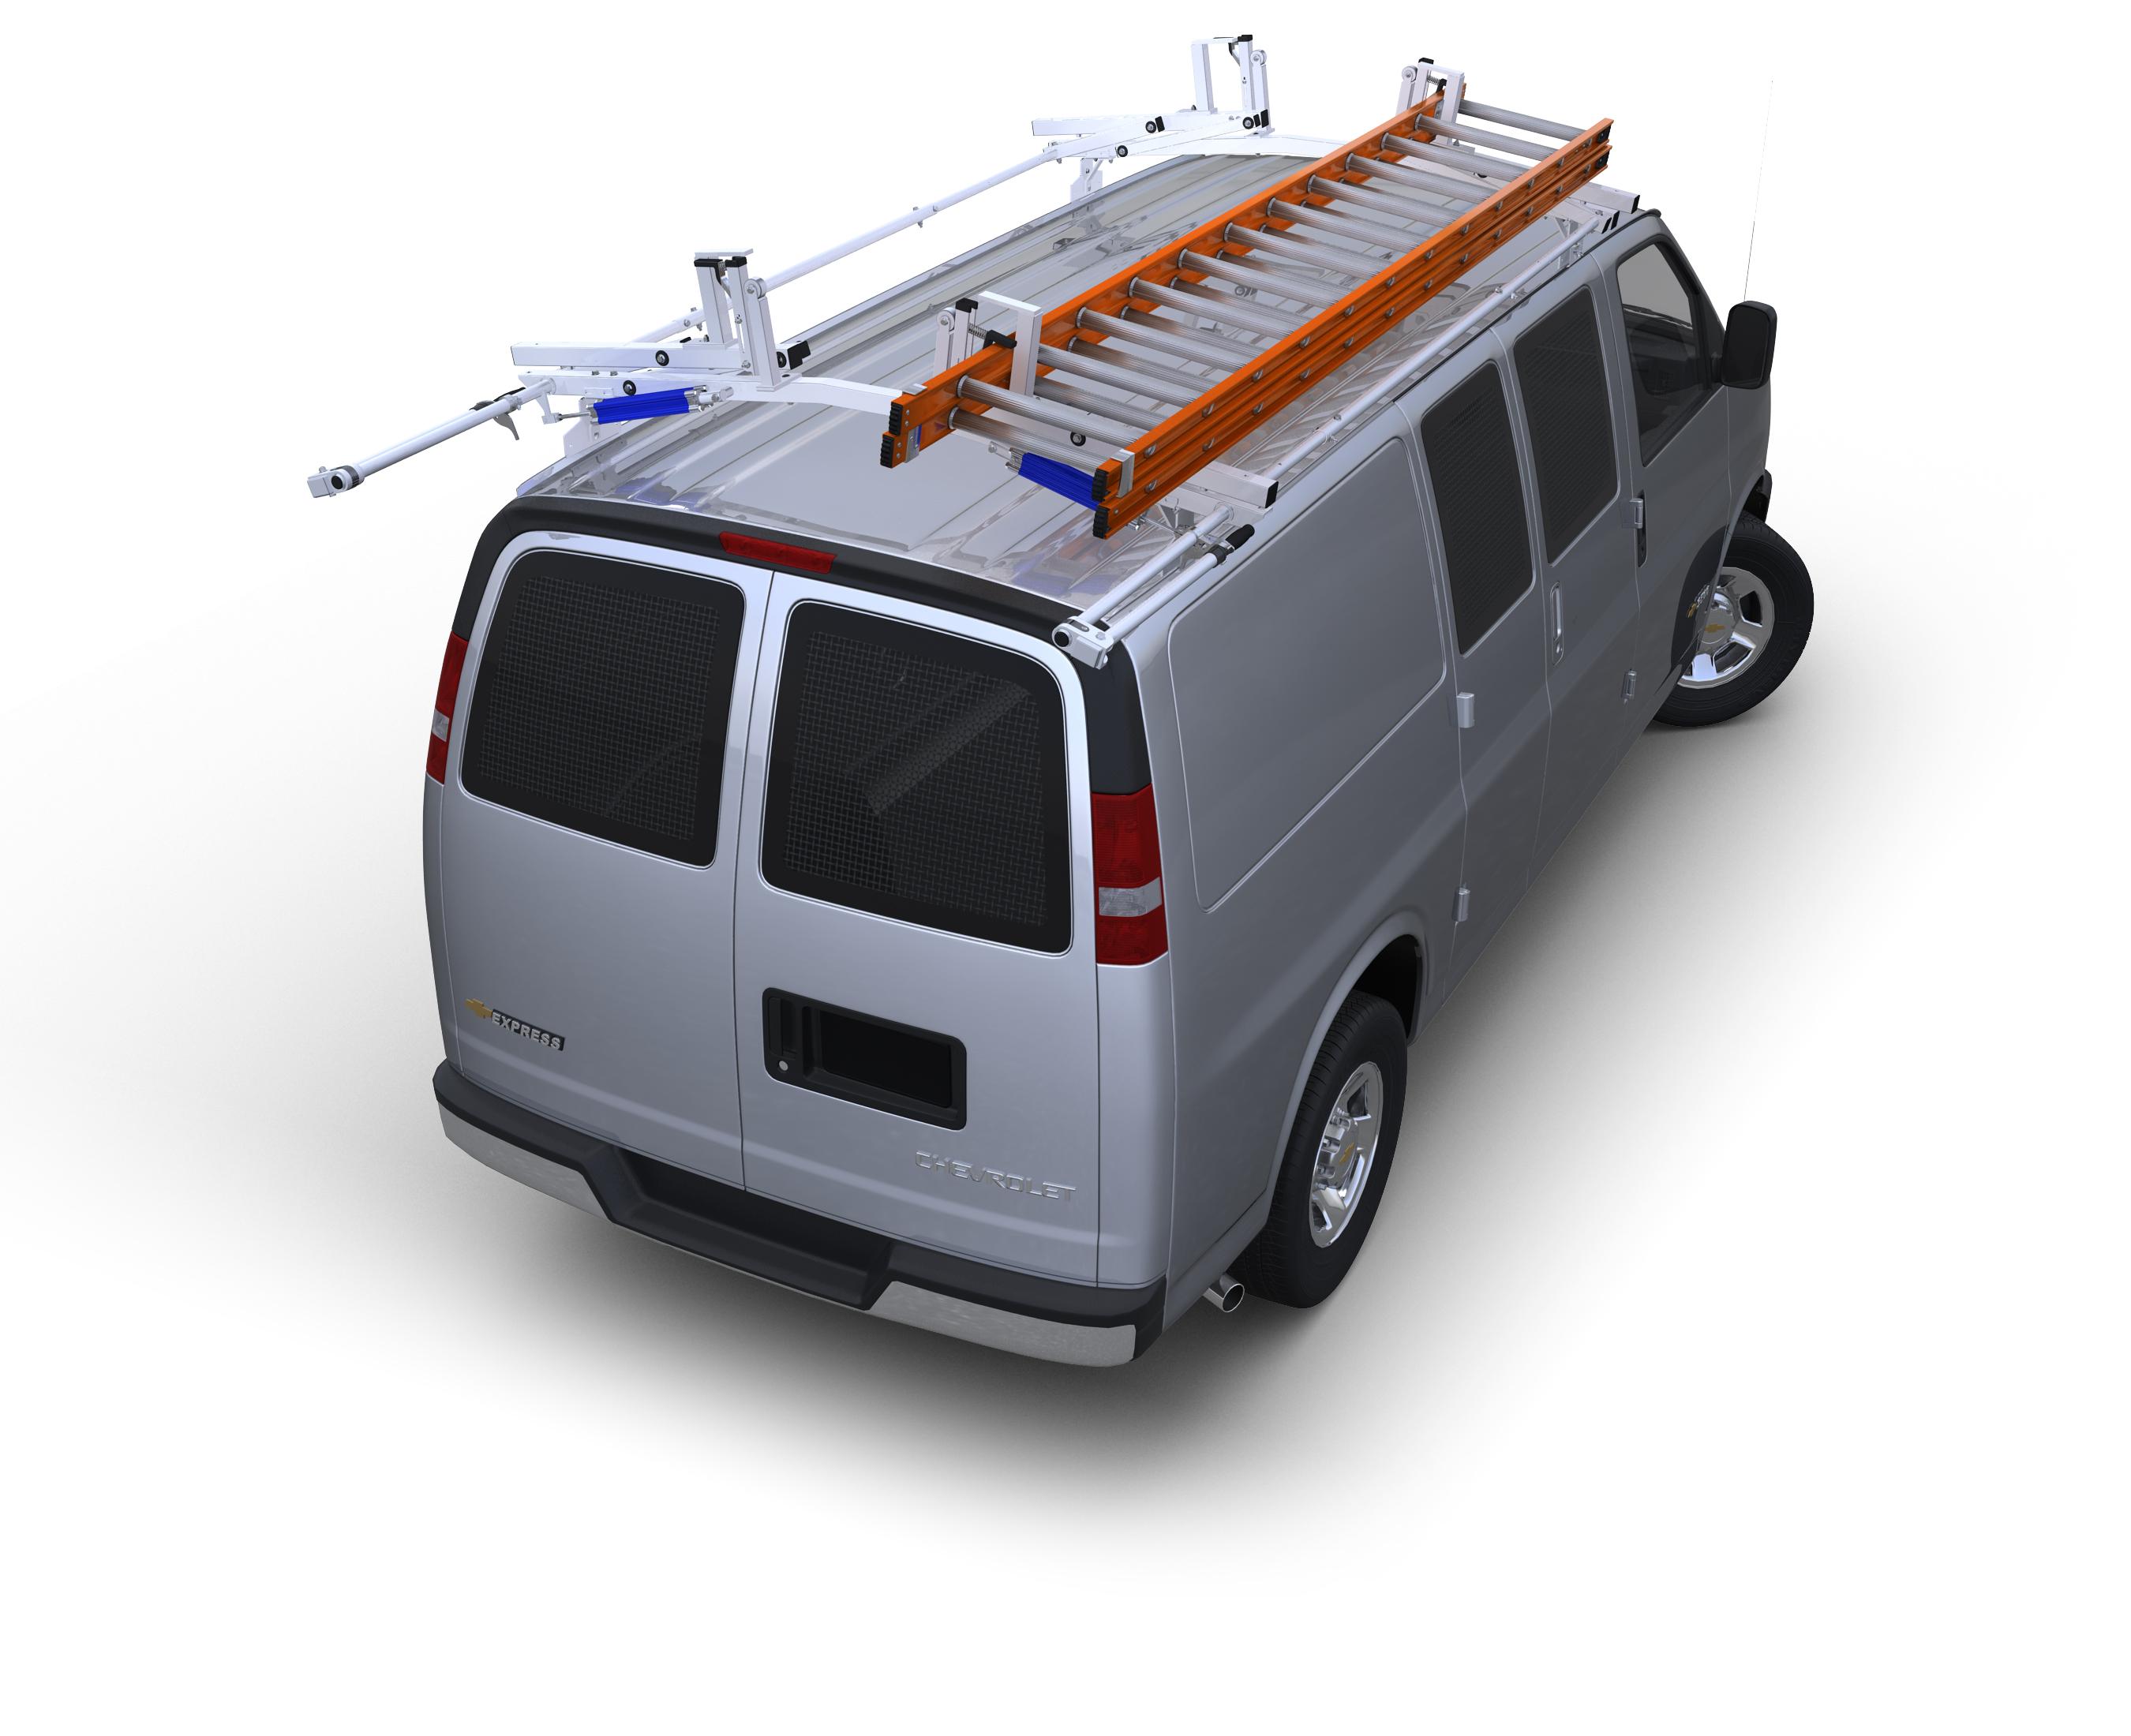 Chevy/GMC Expre-gmc-155-_930_